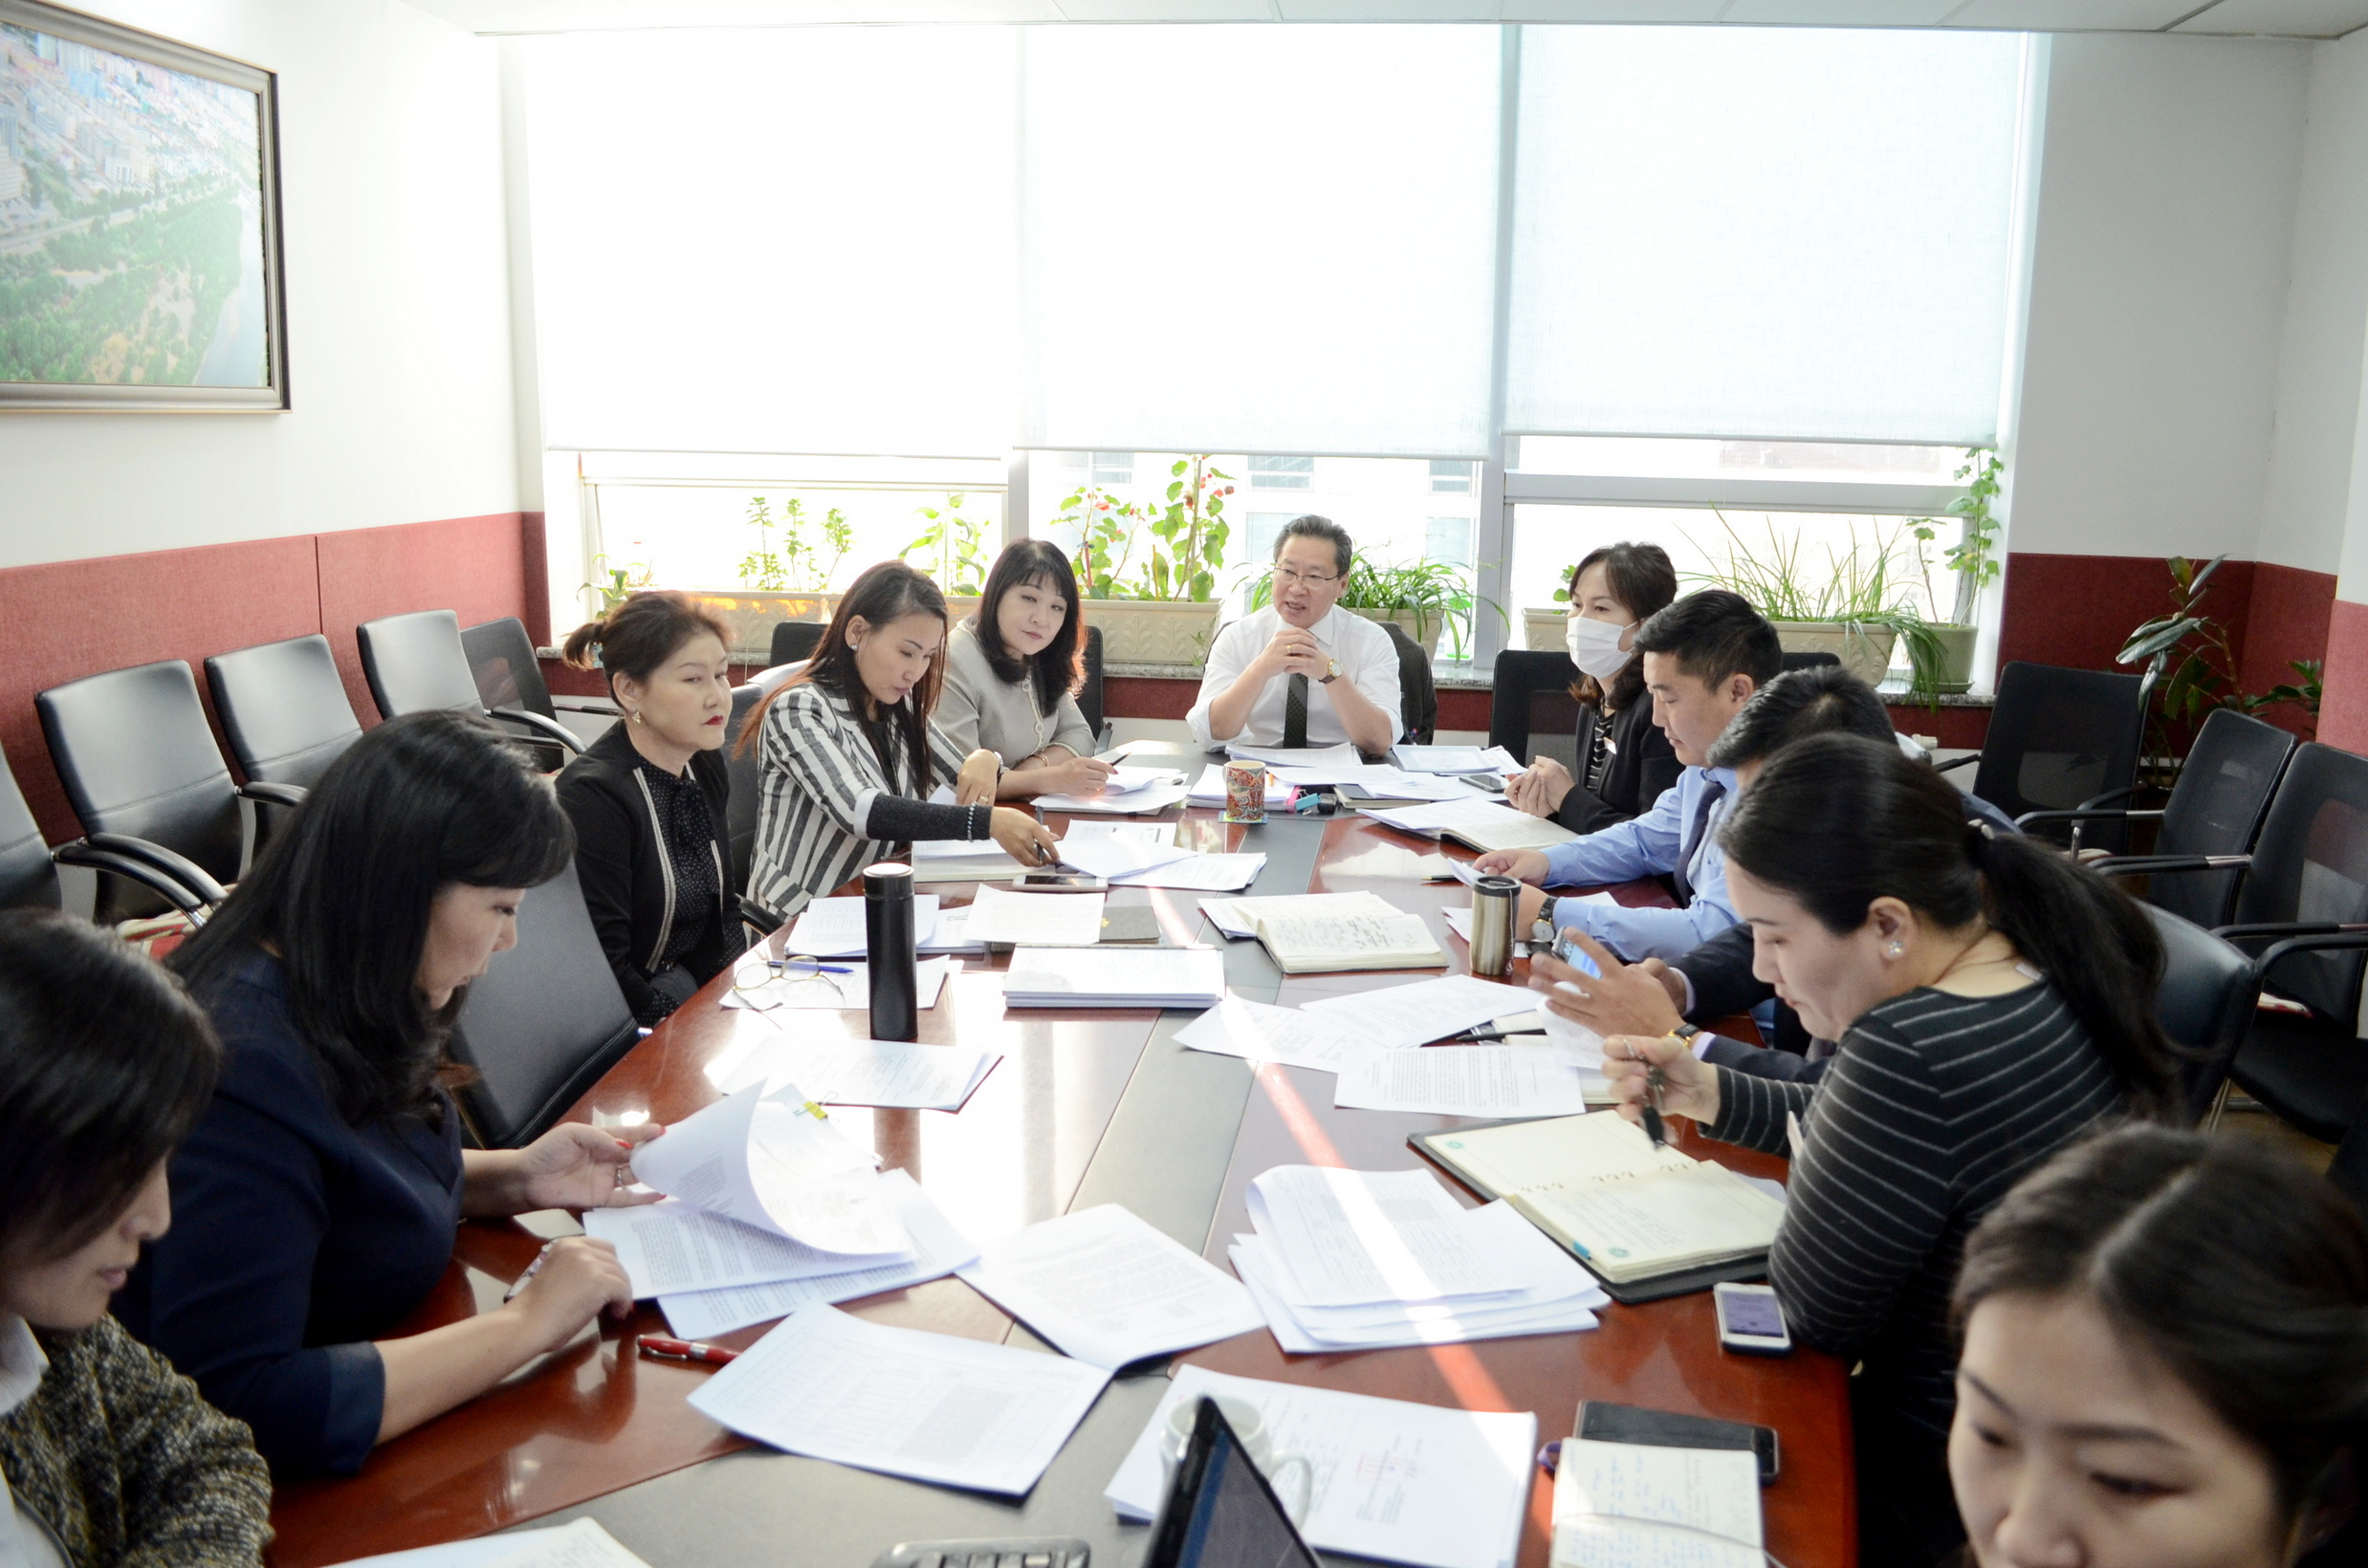 Улаанбаатар хотын Ерөнхий менежерийн Зөвлөлийн хурал хуралдаж байна